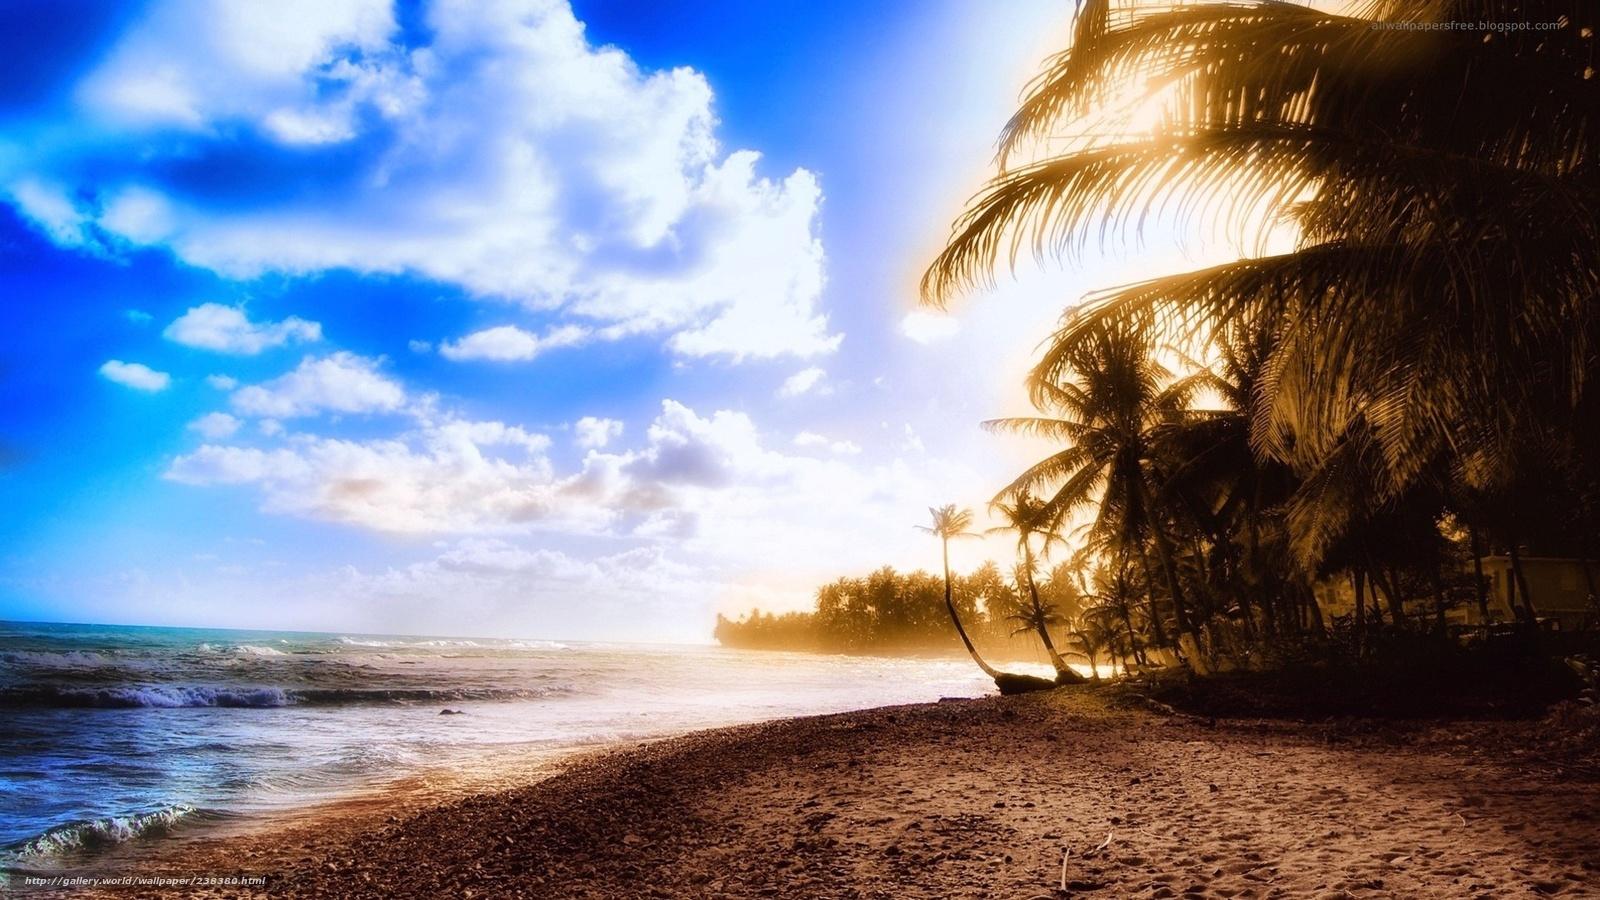 Смотреть в hd качестве новинкииндустрия развлечений/private tropical 24 21 фотография